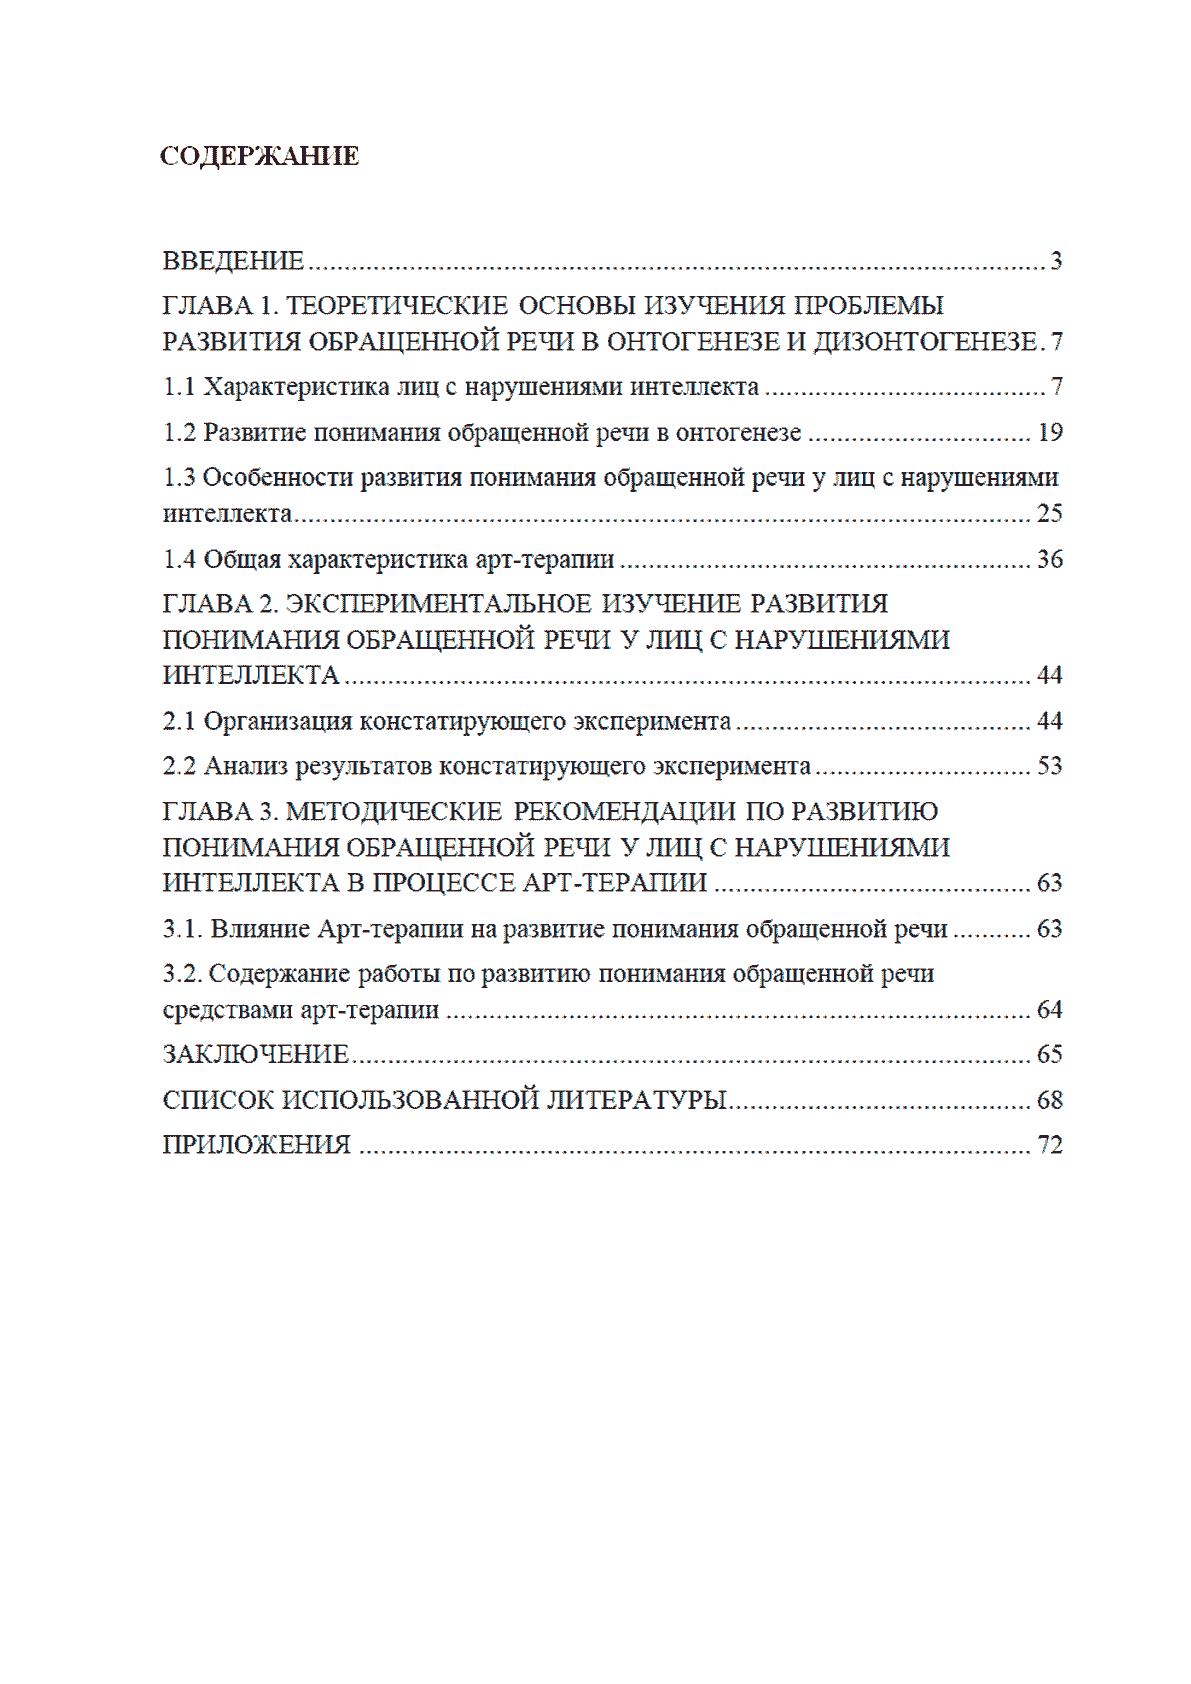 Дипломная работа медицина образец 9378